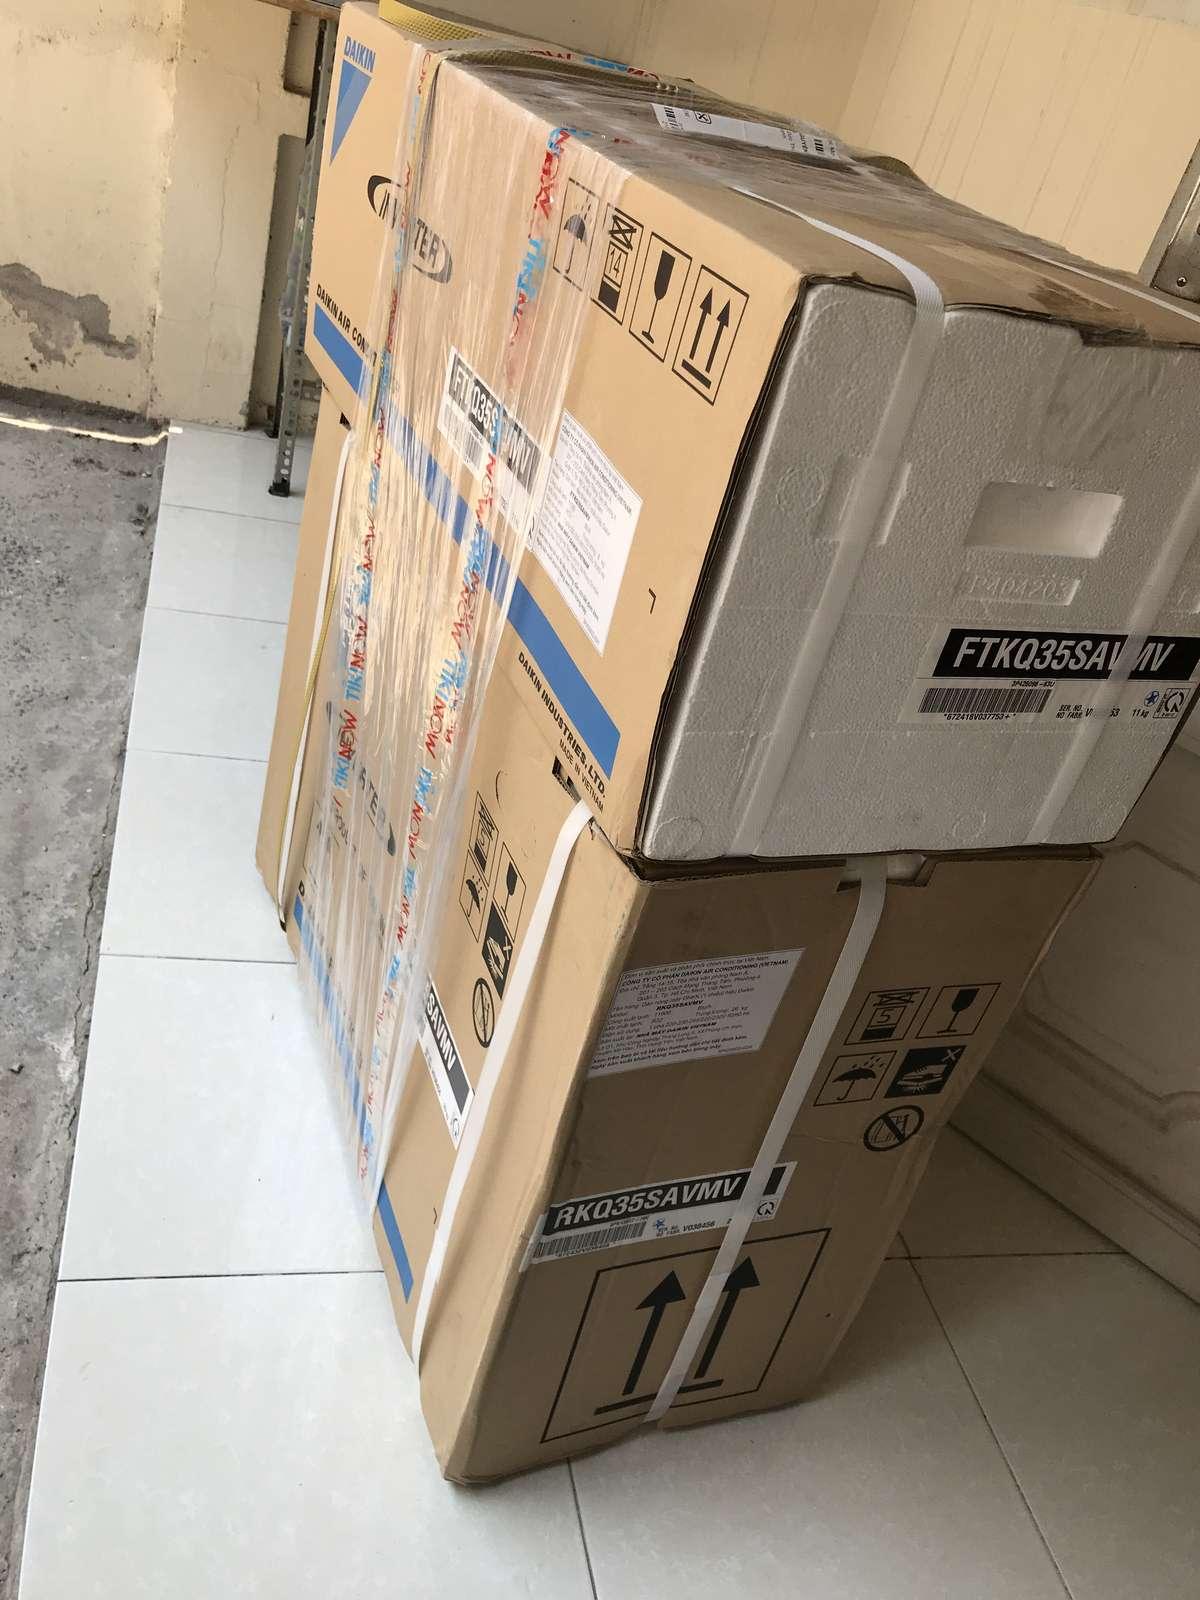 Có nên mua máy lạnh trên Tiki?